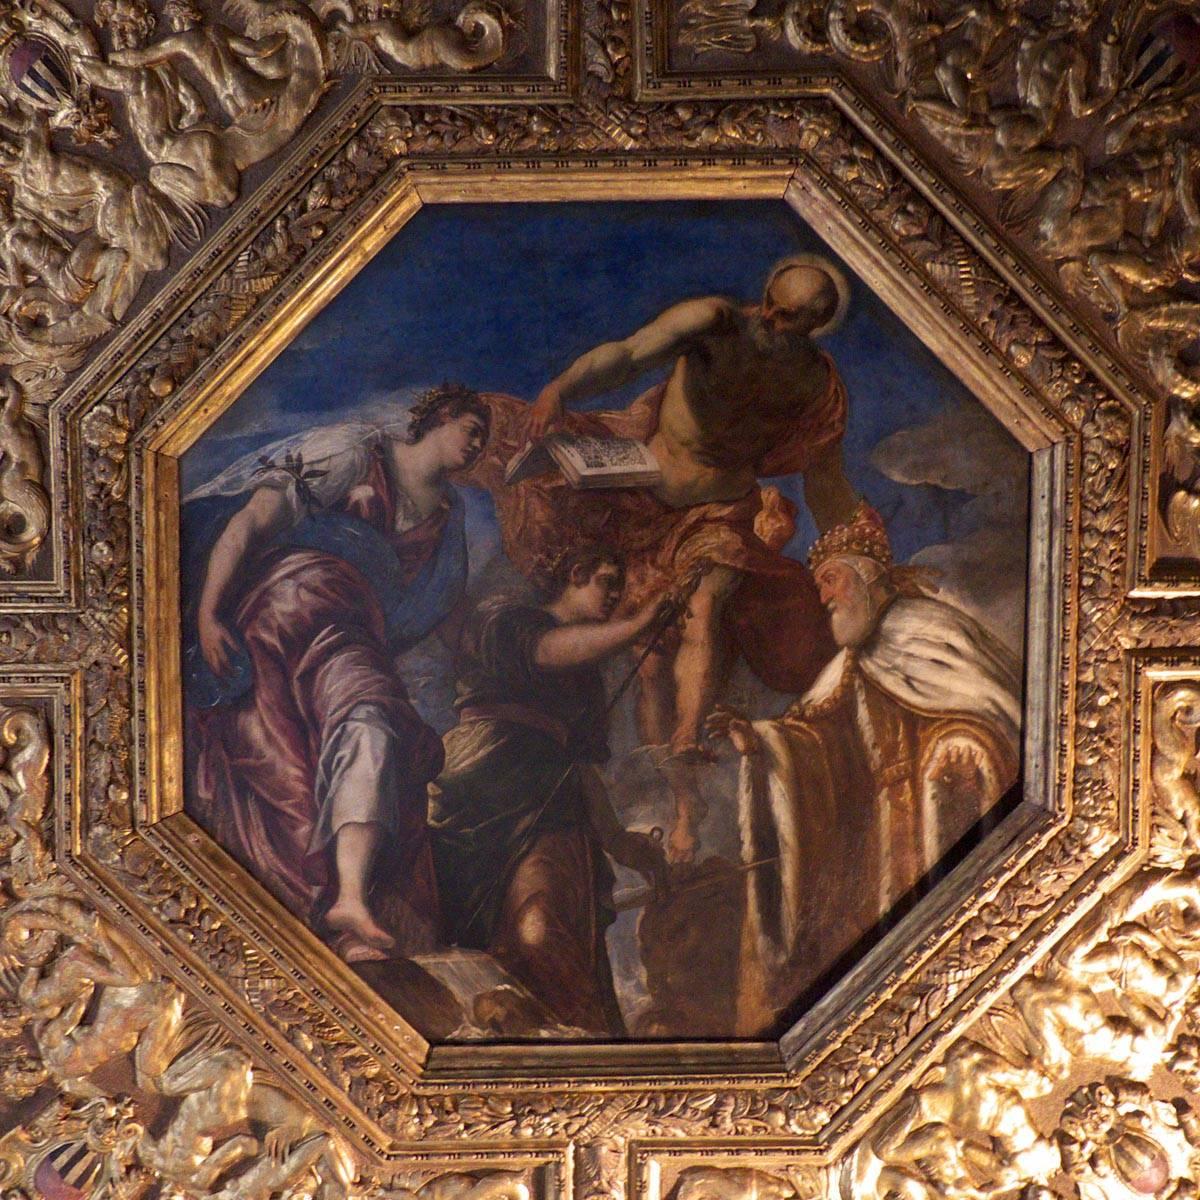 Détail d'un plafond du palais de doges